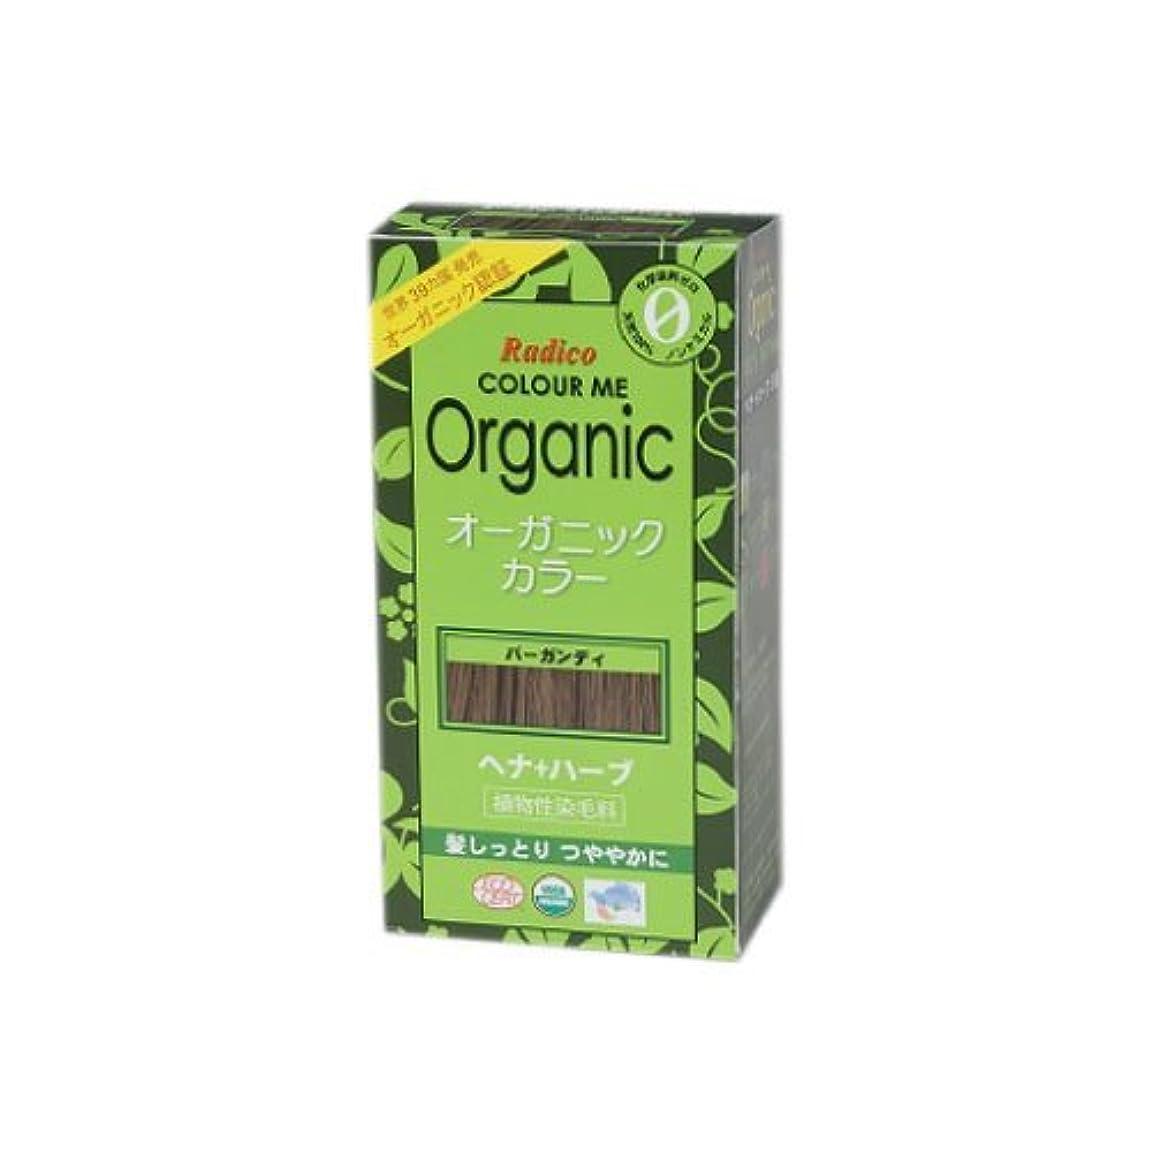 かる発生器起こるCOLOURME Organic (カラーミーオーガニック ヘナ 白髪用) バーガンディ 100g